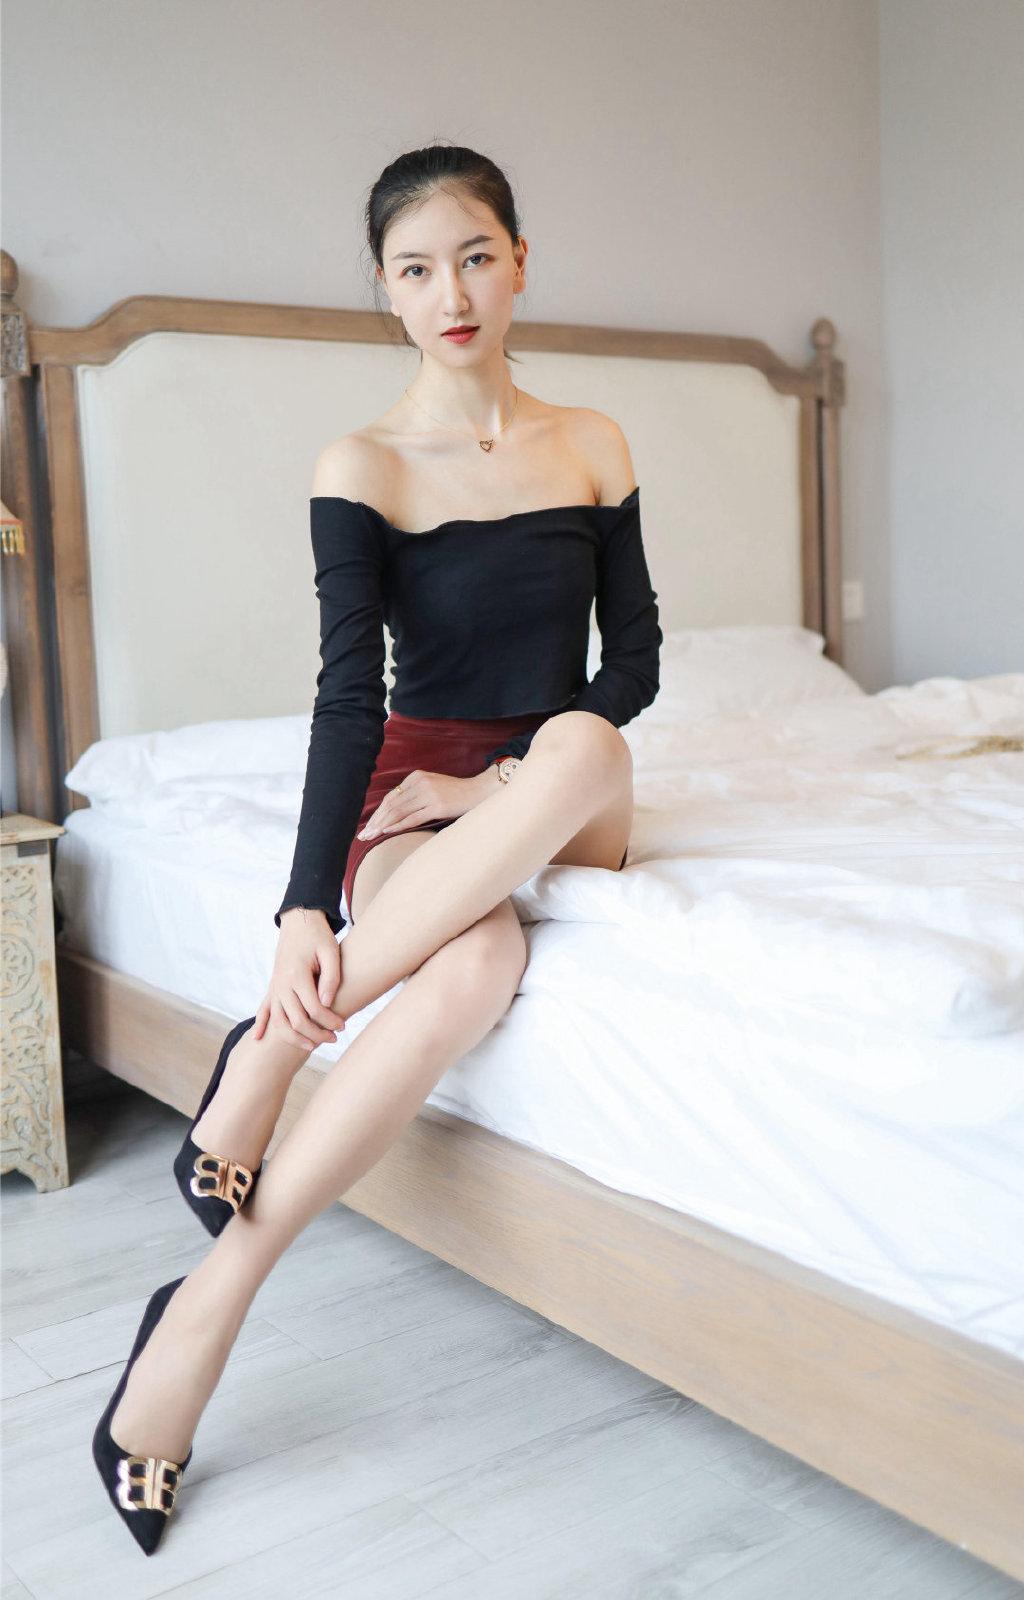 丝袜美女妖娆性感美女私房床上写真